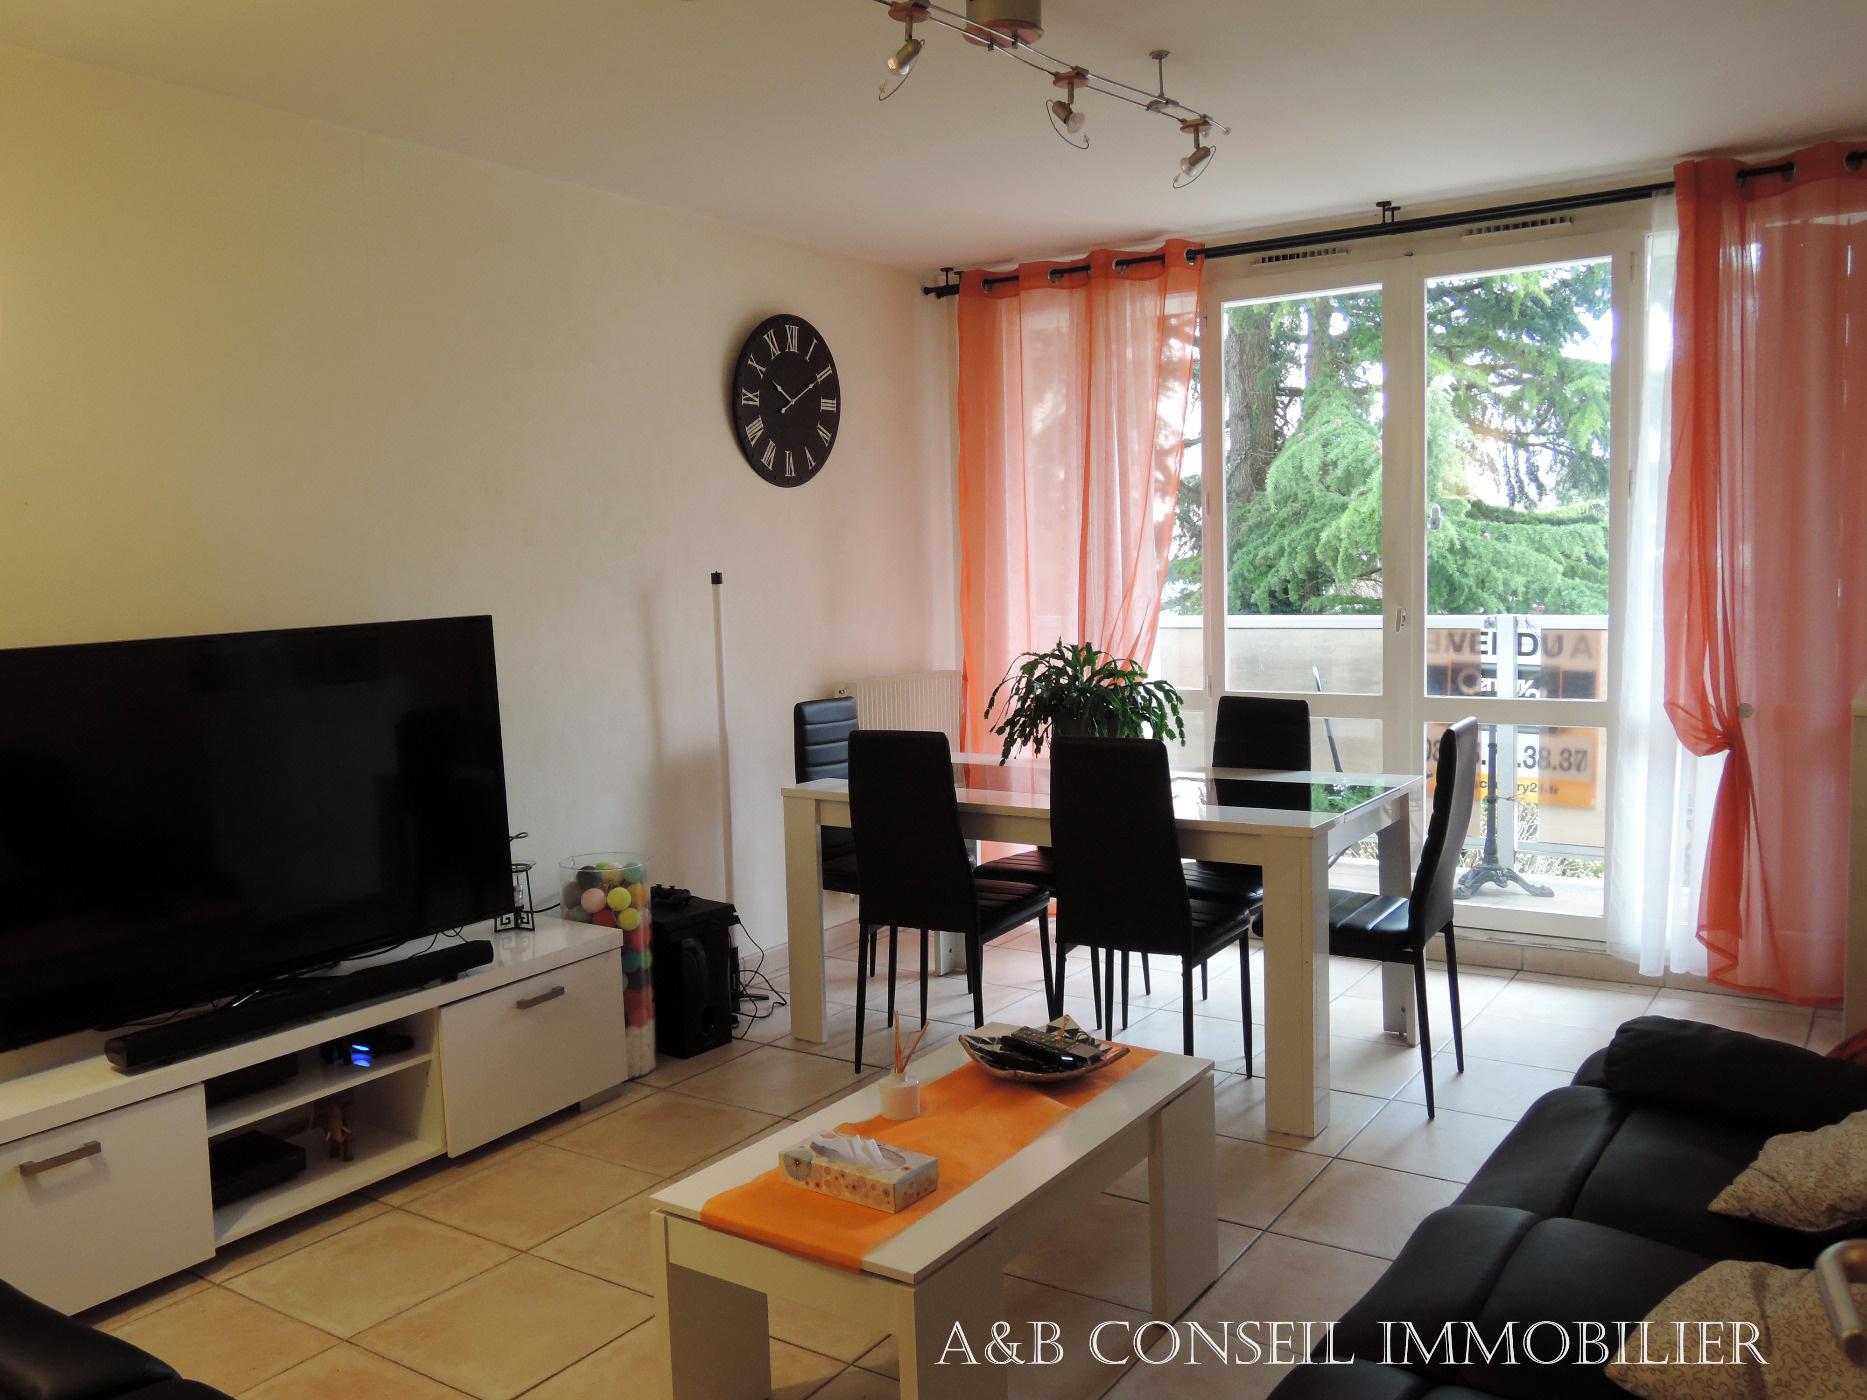 Vente troyes vente d 39 un appartement de 80m avec terrasse et garage - Compromis de vente garage ...